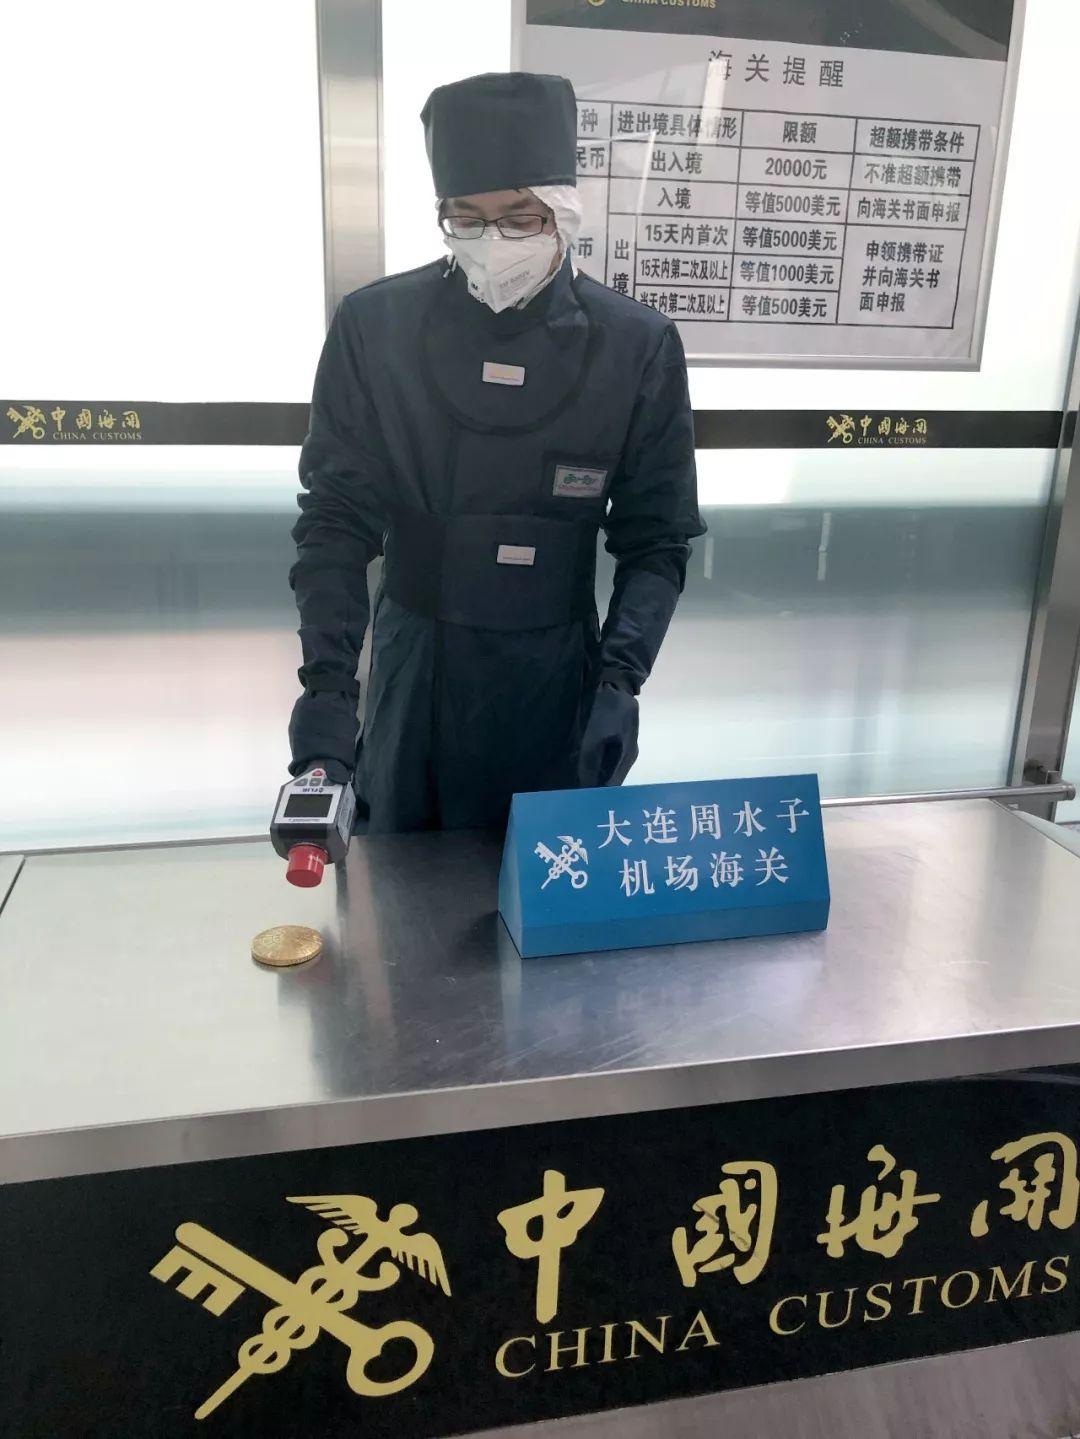 辐射超标112倍!一旅客行李中被发现这个东西